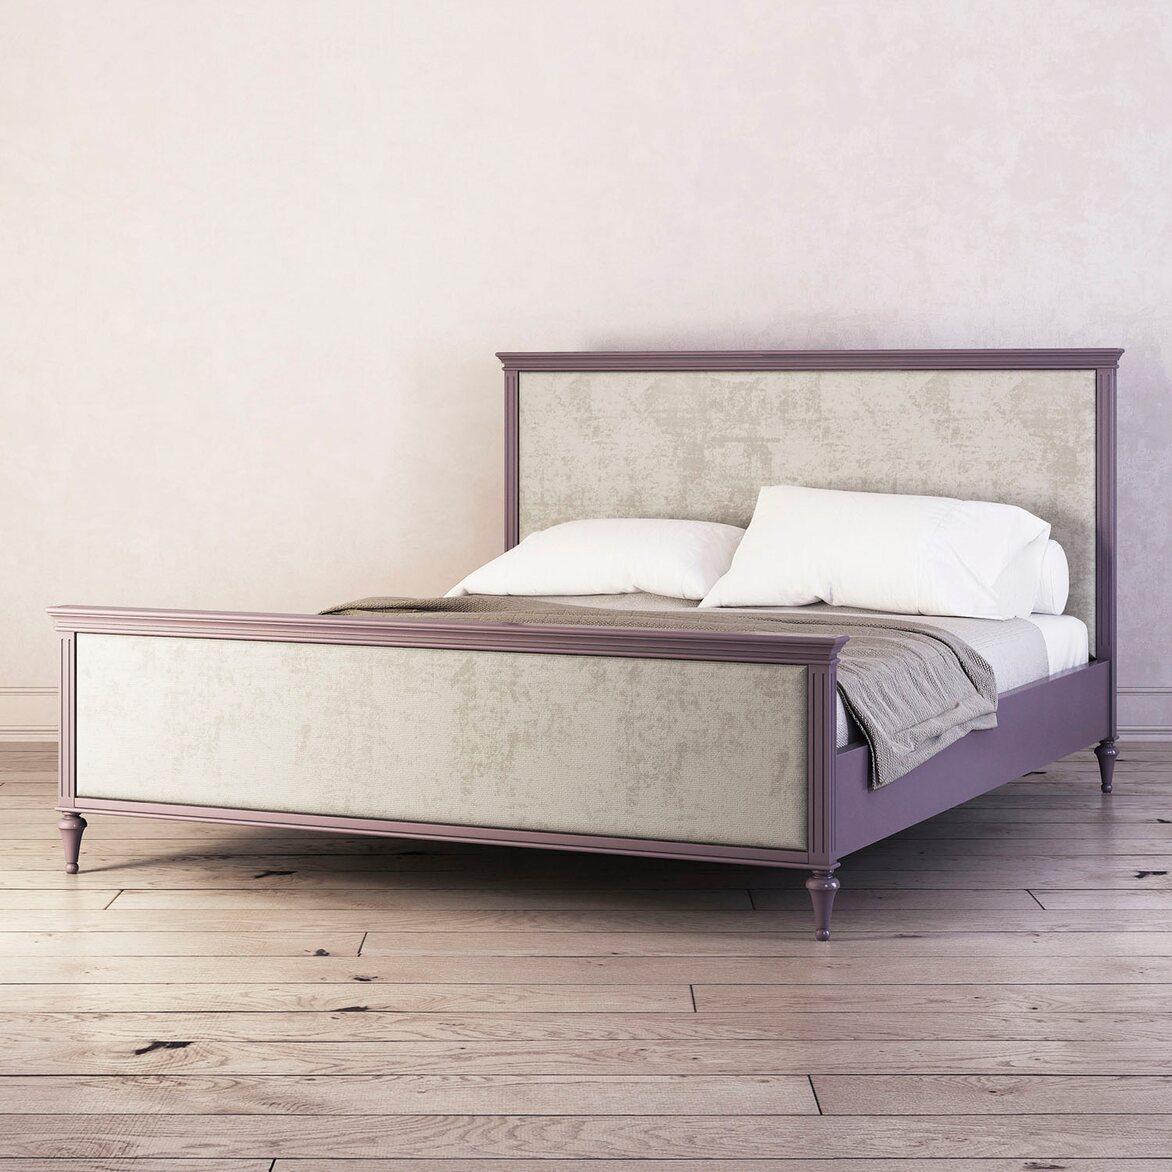 Кровать с мягким изголовьем 180*200 Riverdi, орхидея, с изножьем 2   Двуспальные кровати Kingsby